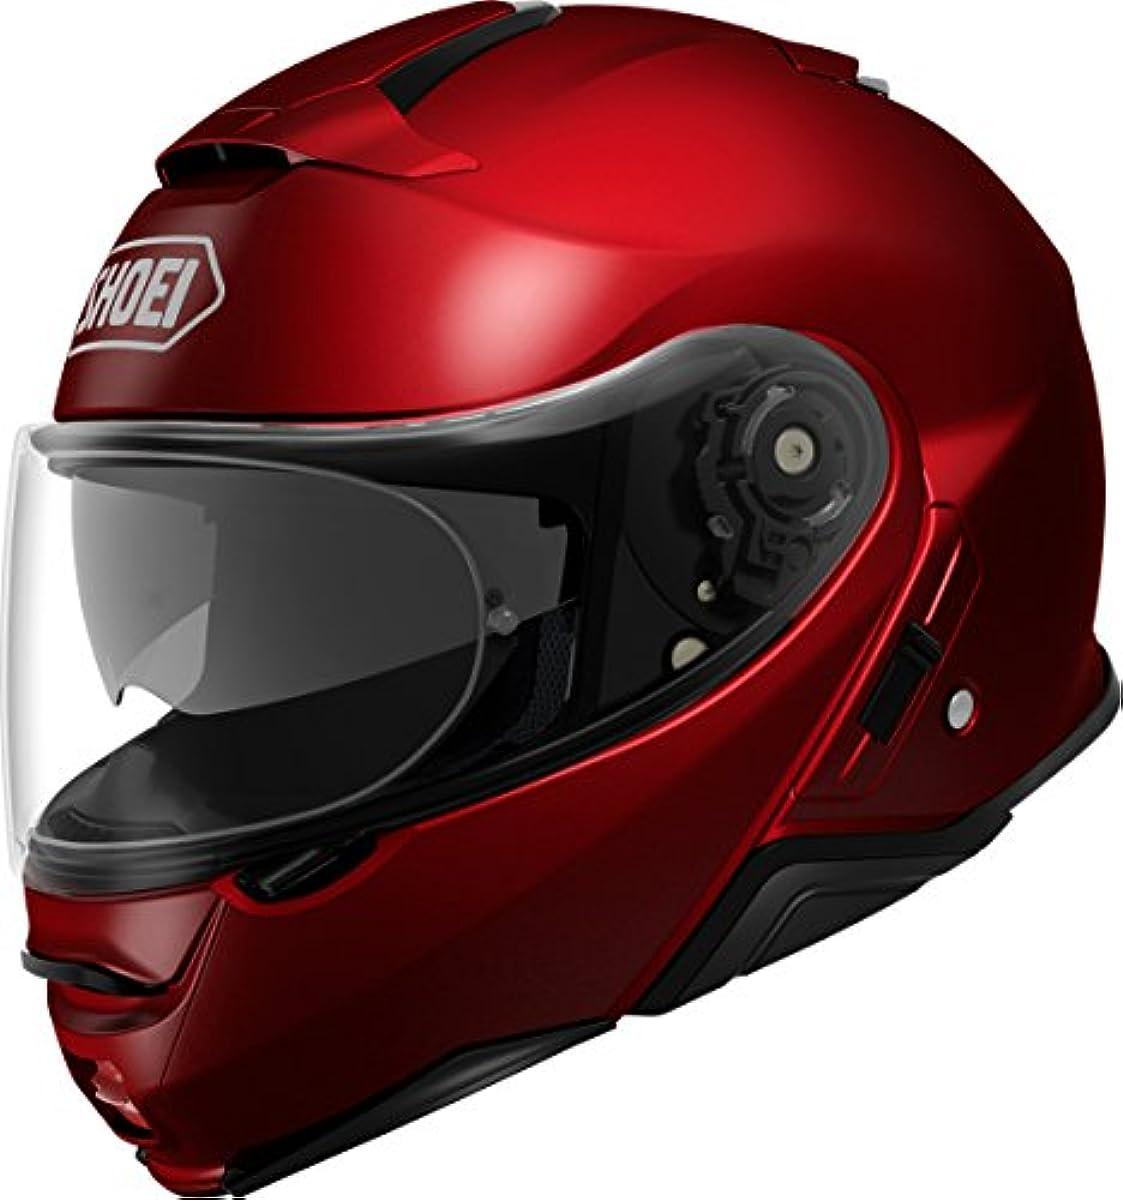 [해외] 쇼에이 오토바이 헬멧 시스템 풀 페이스 NEOTEC2 와인 레드 L 59CM -